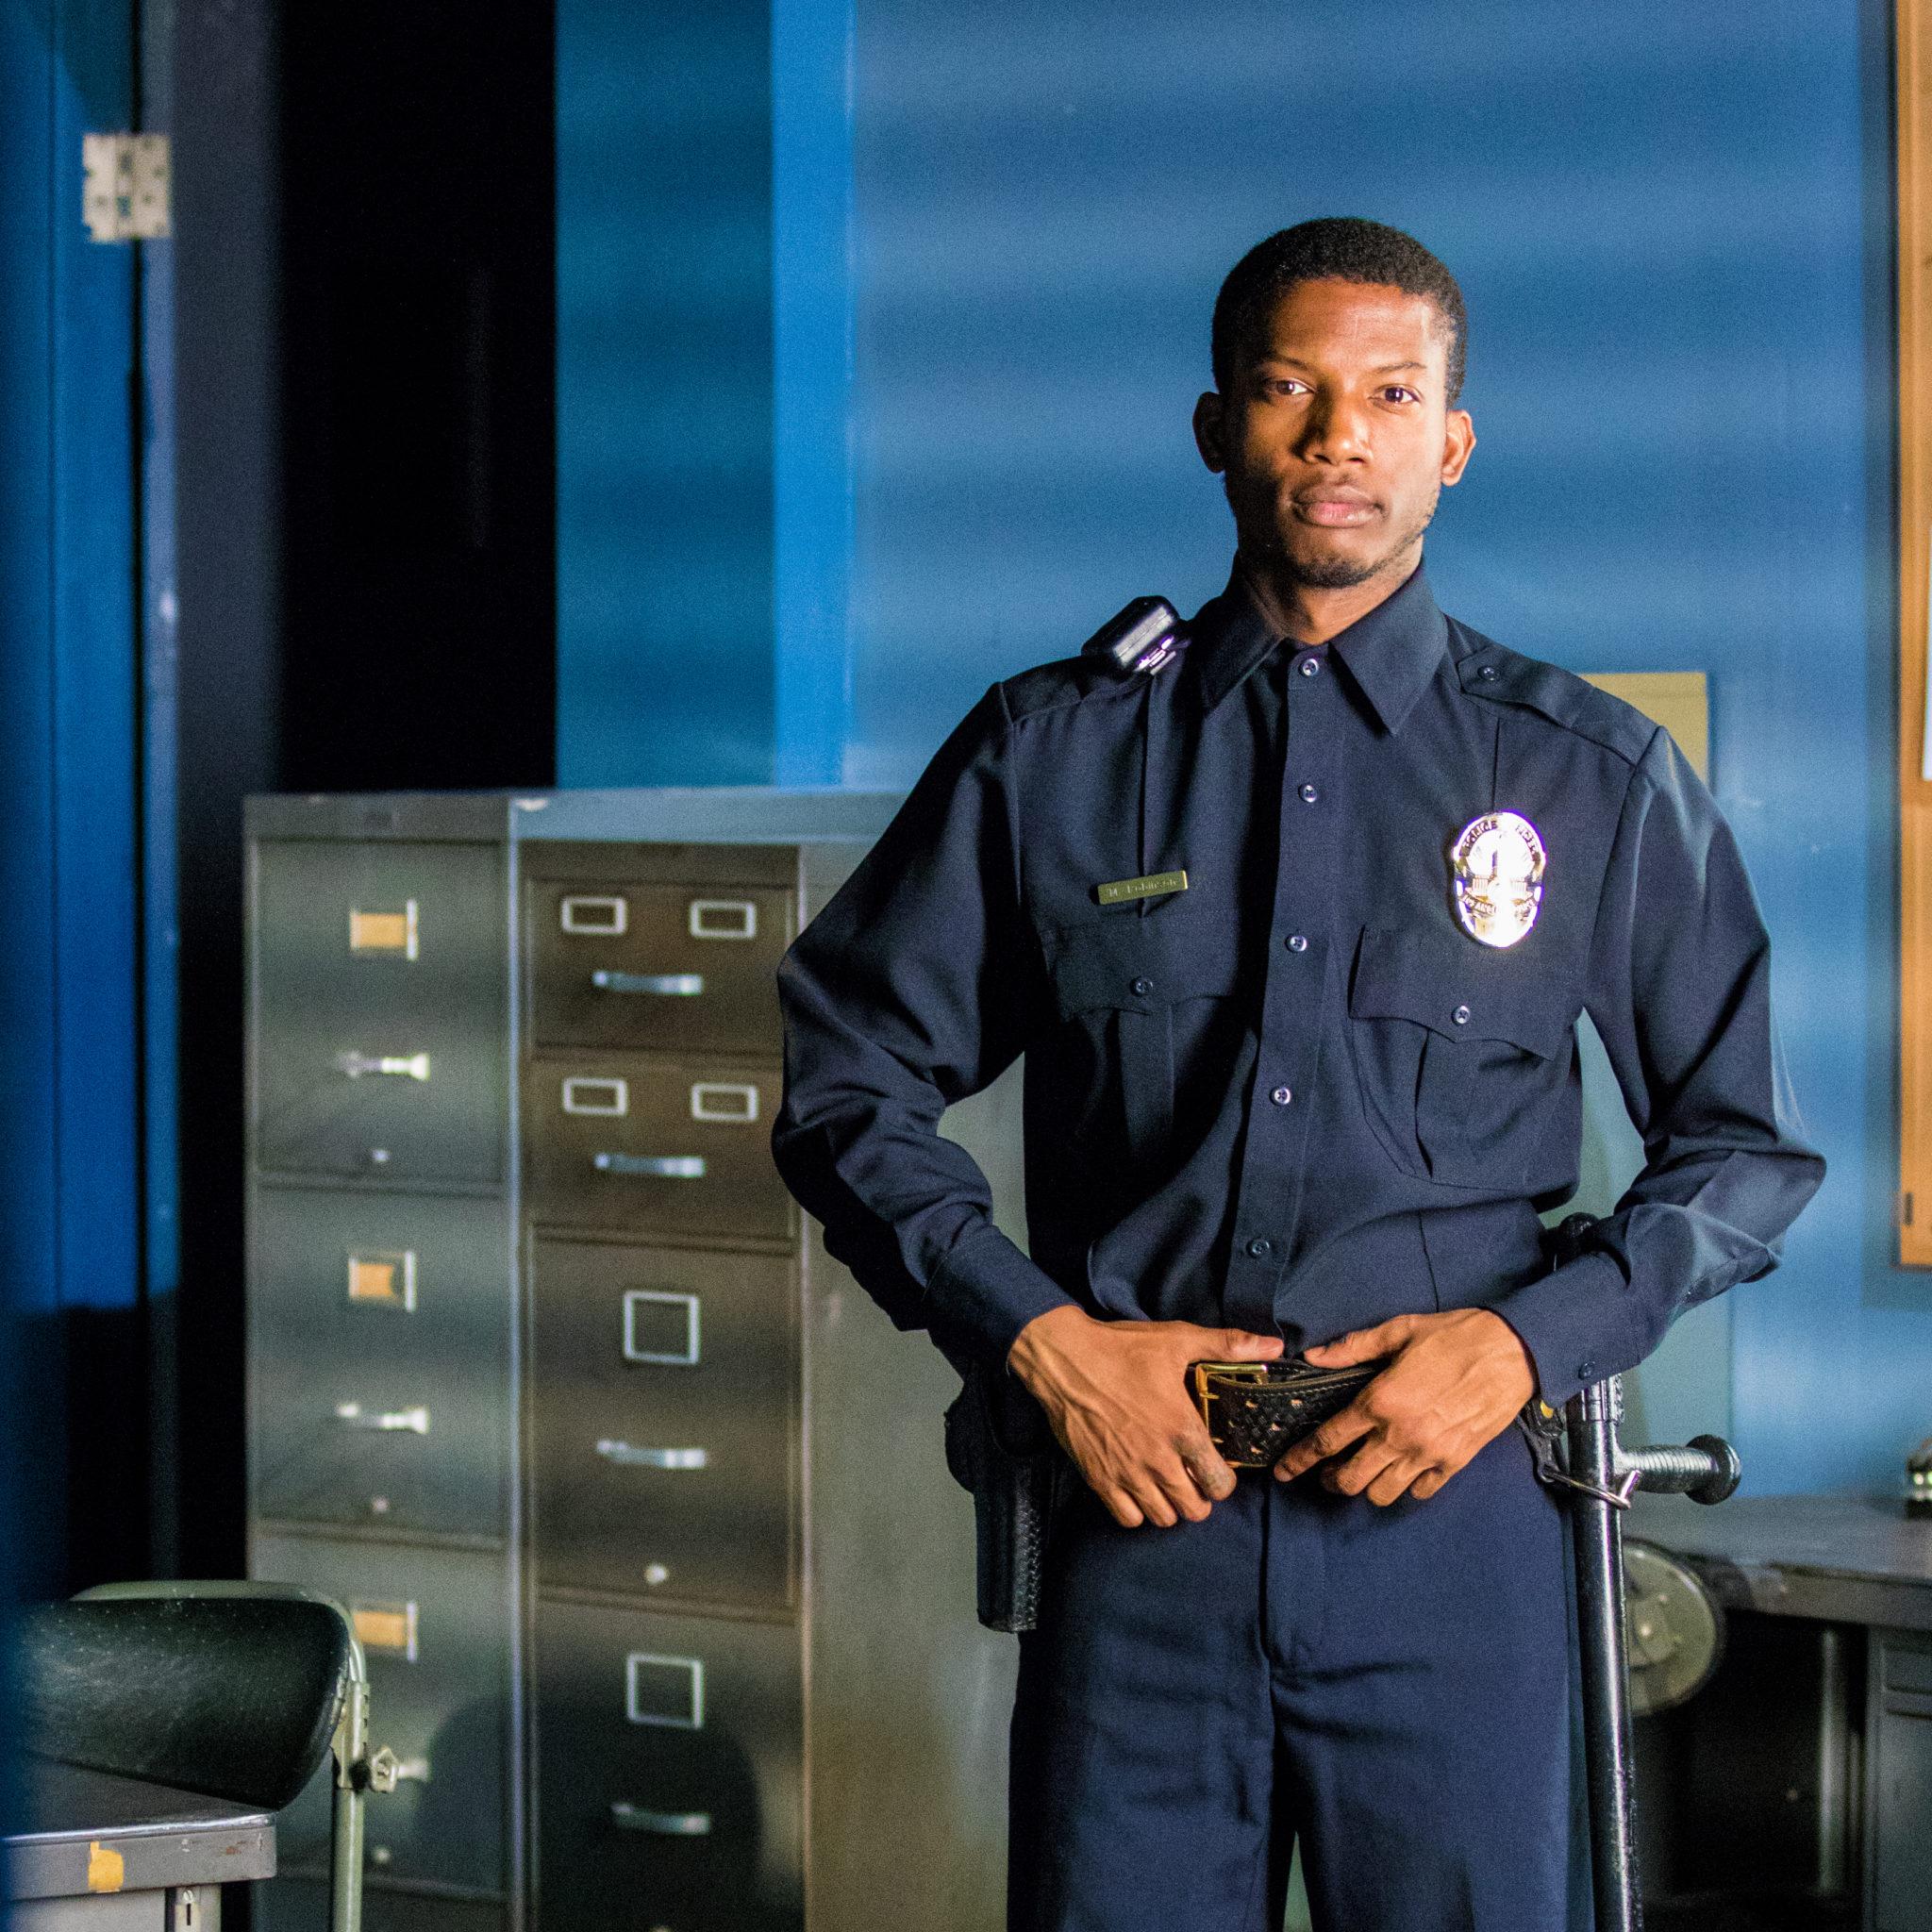 Cop uniforms real Police Uniform